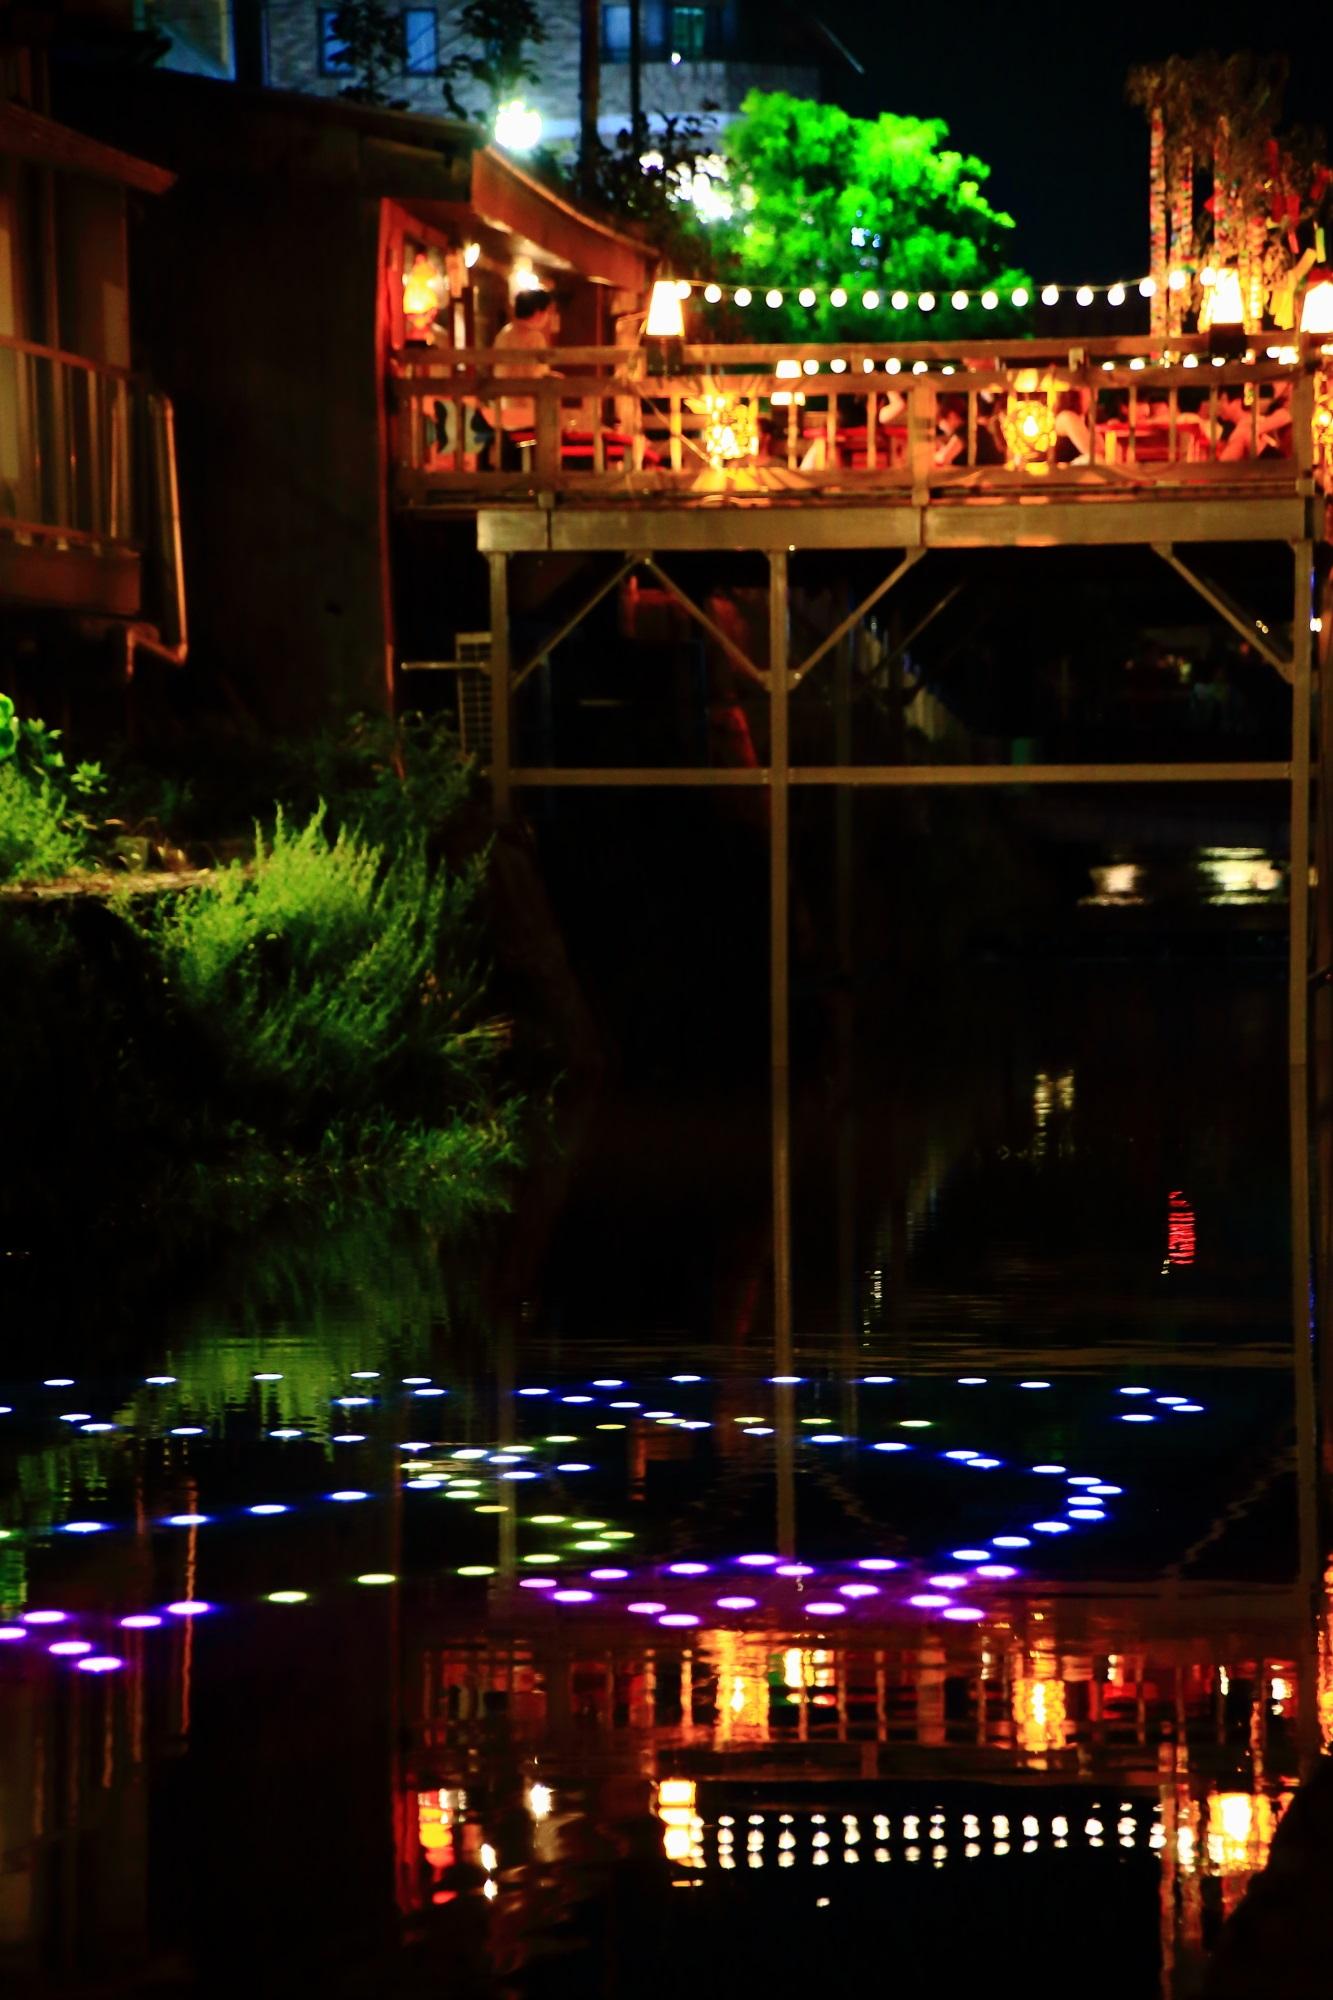 京の七夕鴨川会場の幻想的なみそそぎ川の光の演出と納涼床